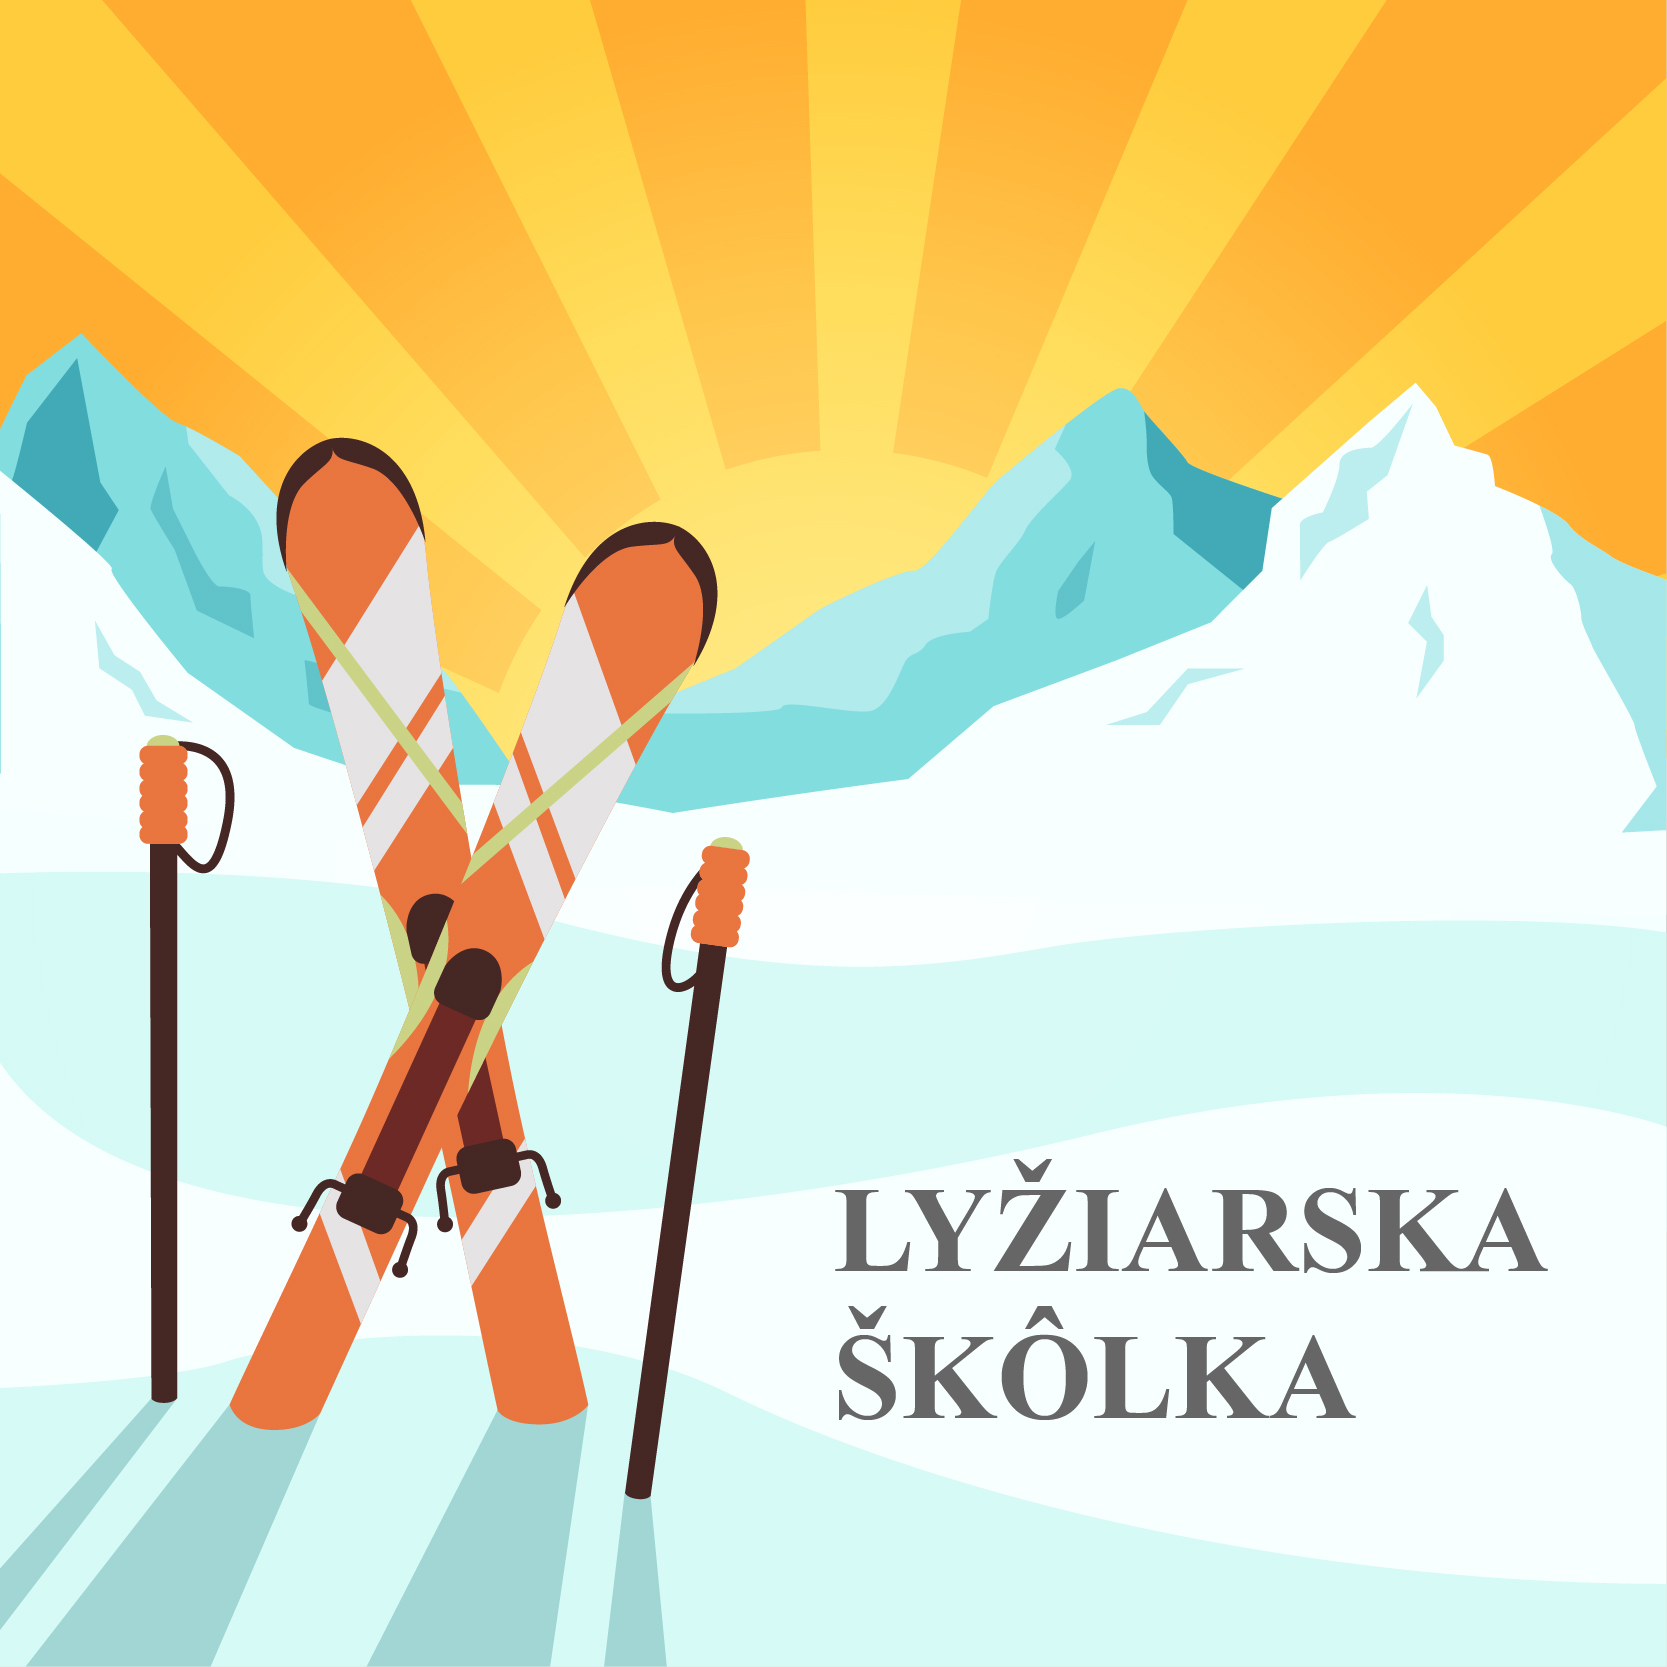 skolka-01